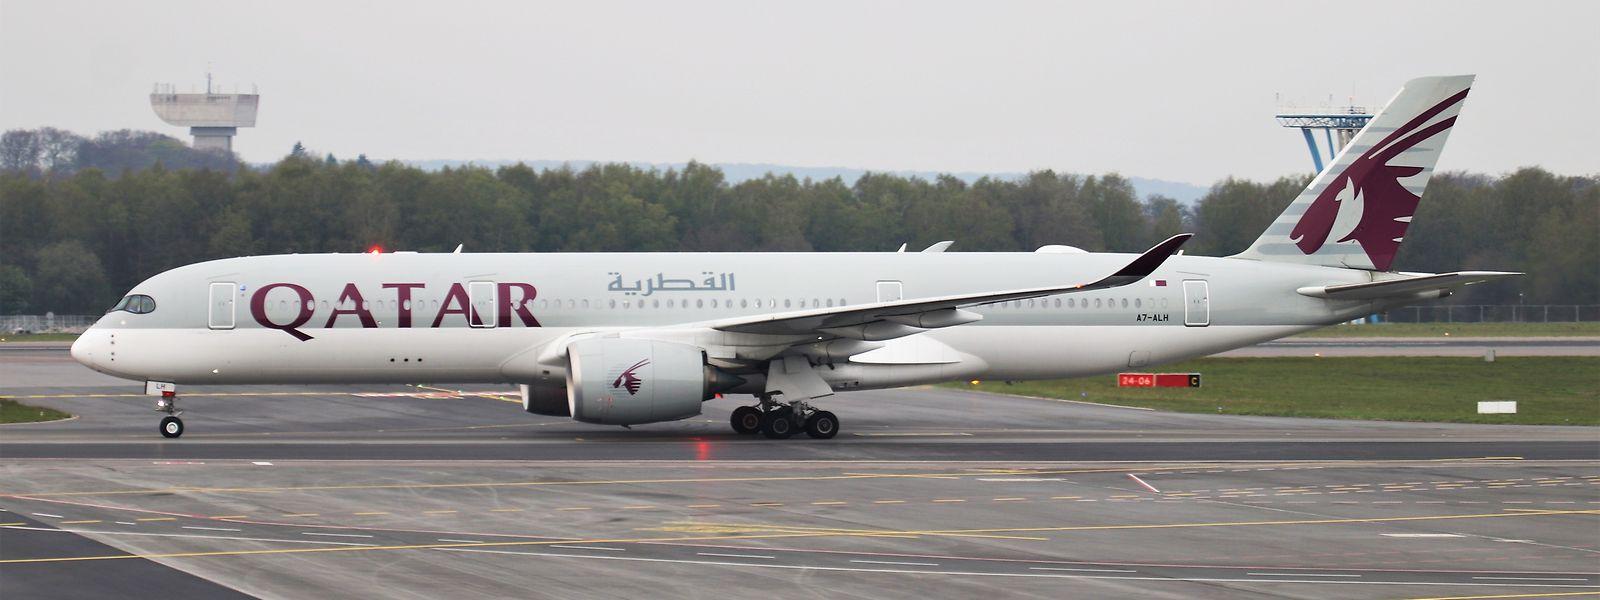 Ein Airbus A350-941 von Qatar Airways landete am Freitag in Luxemburg-Findel.